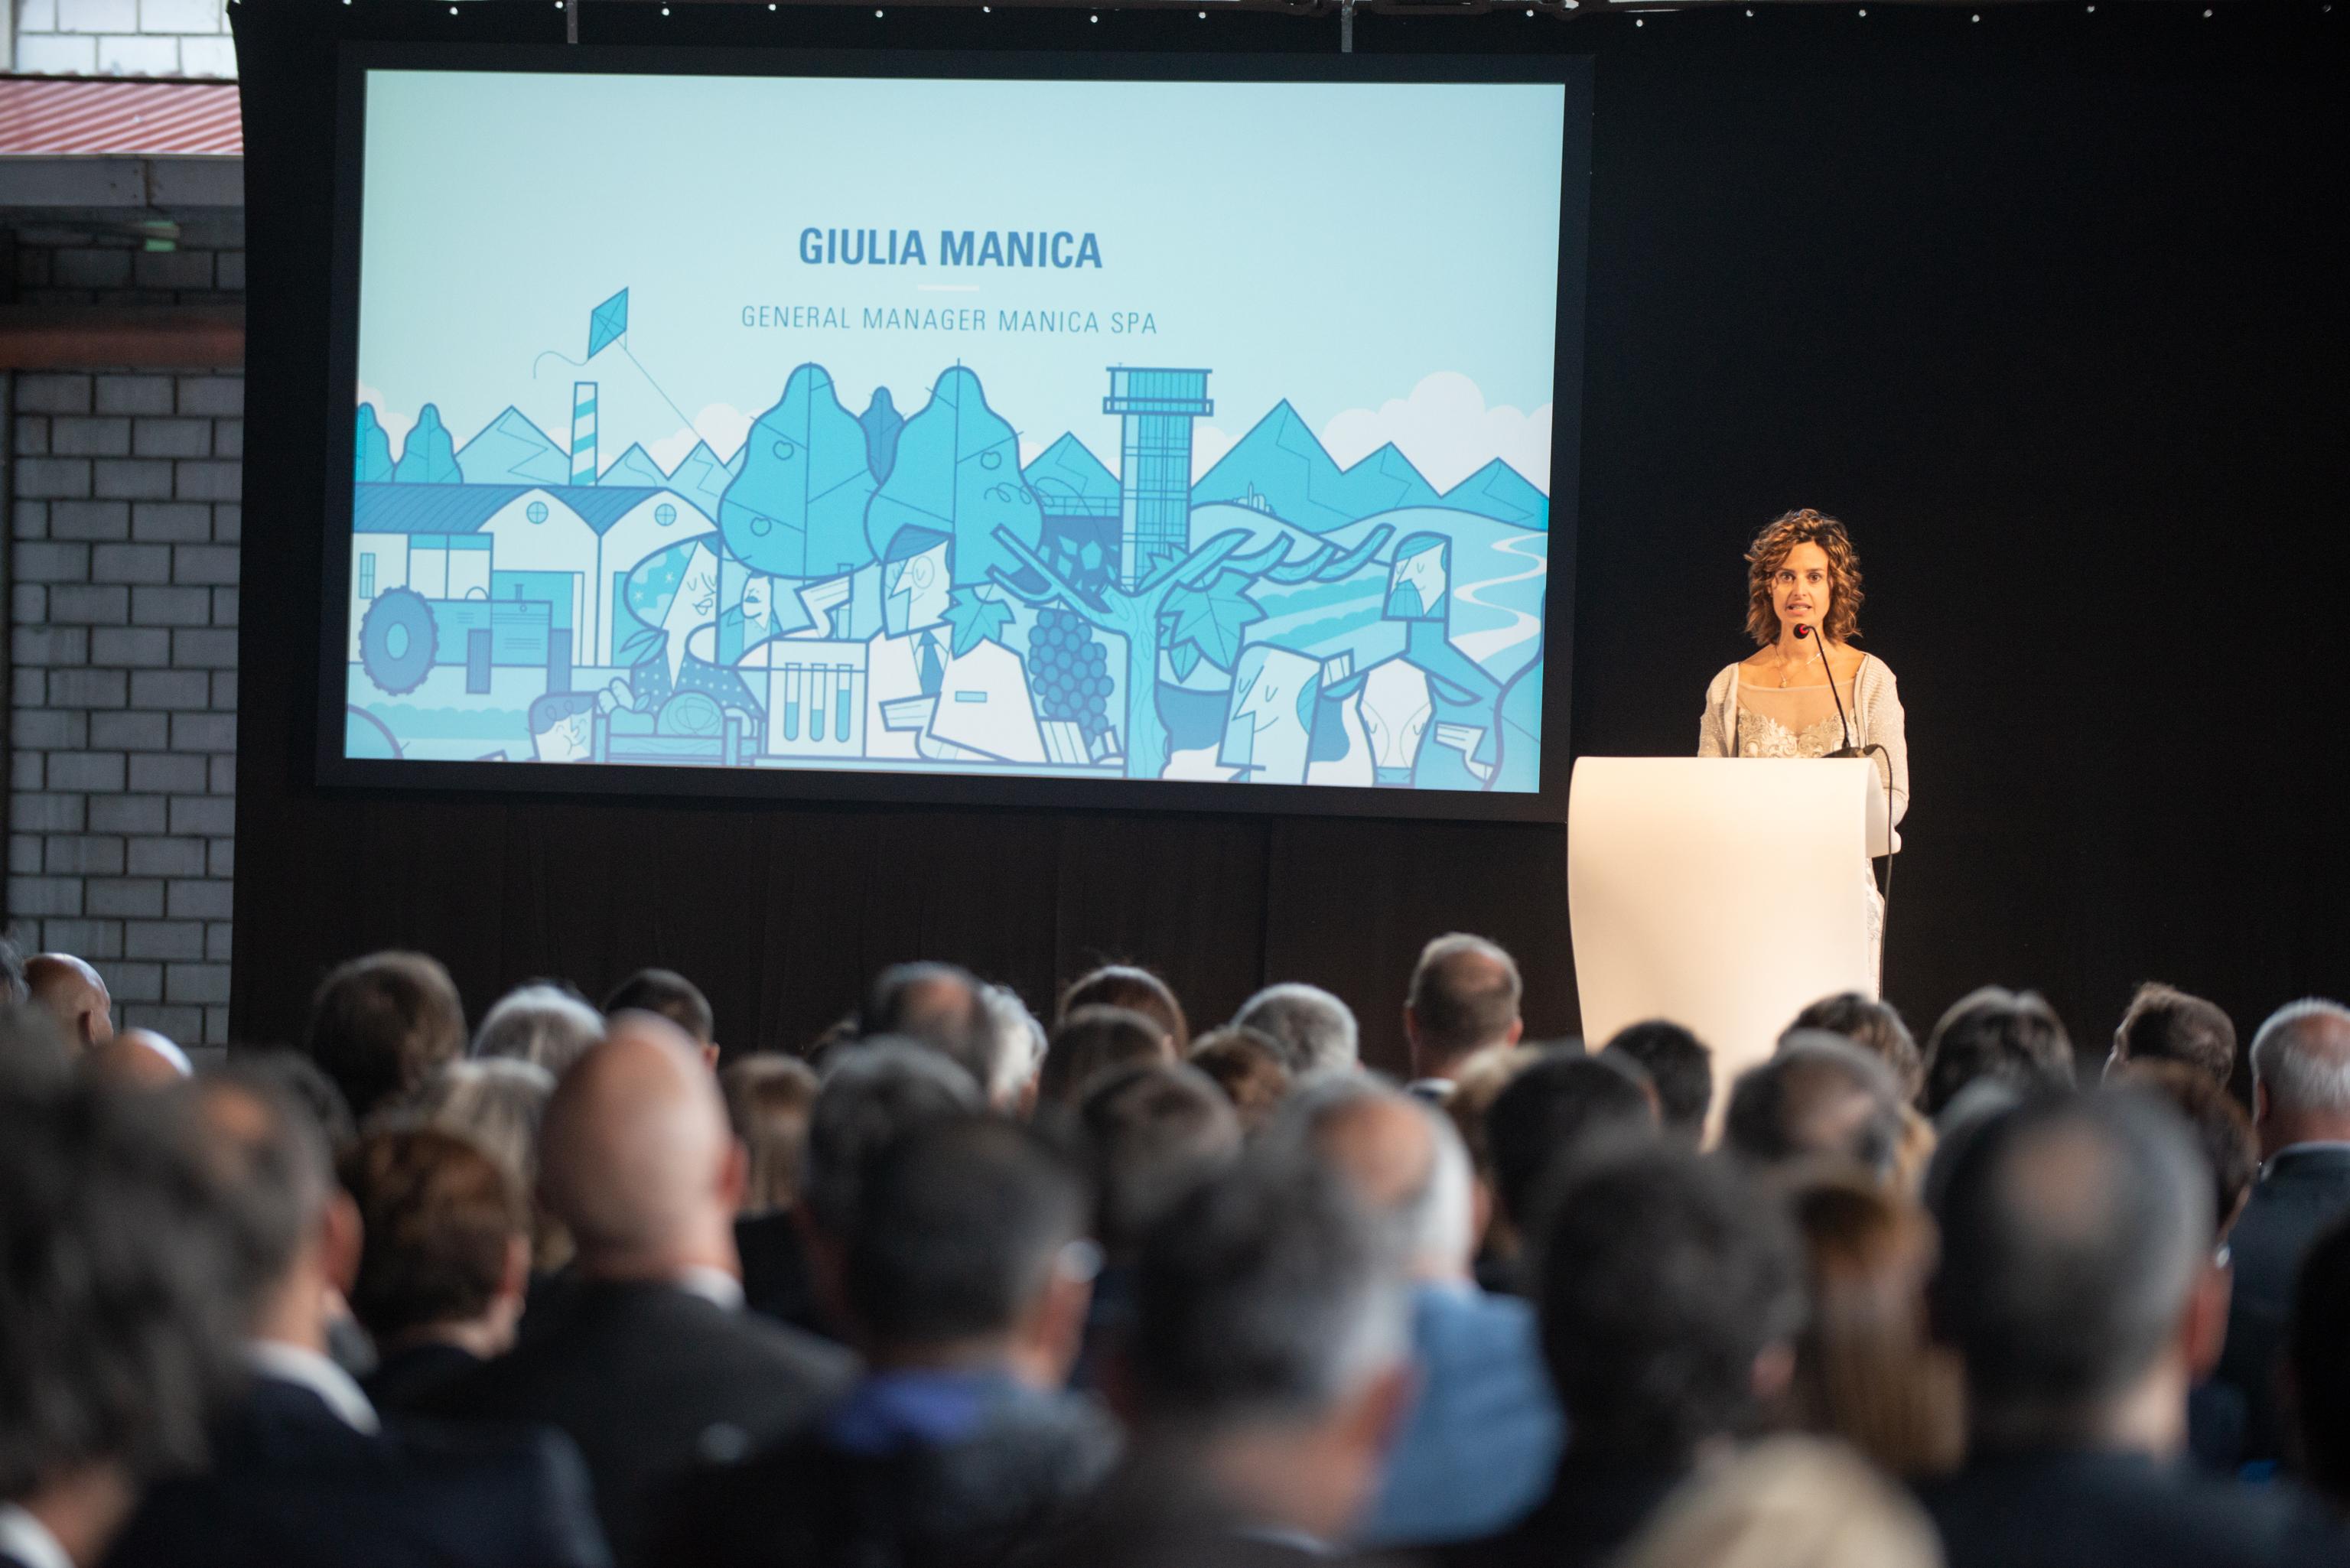 Foto di Giulia Manica durante il discorso al pubblico